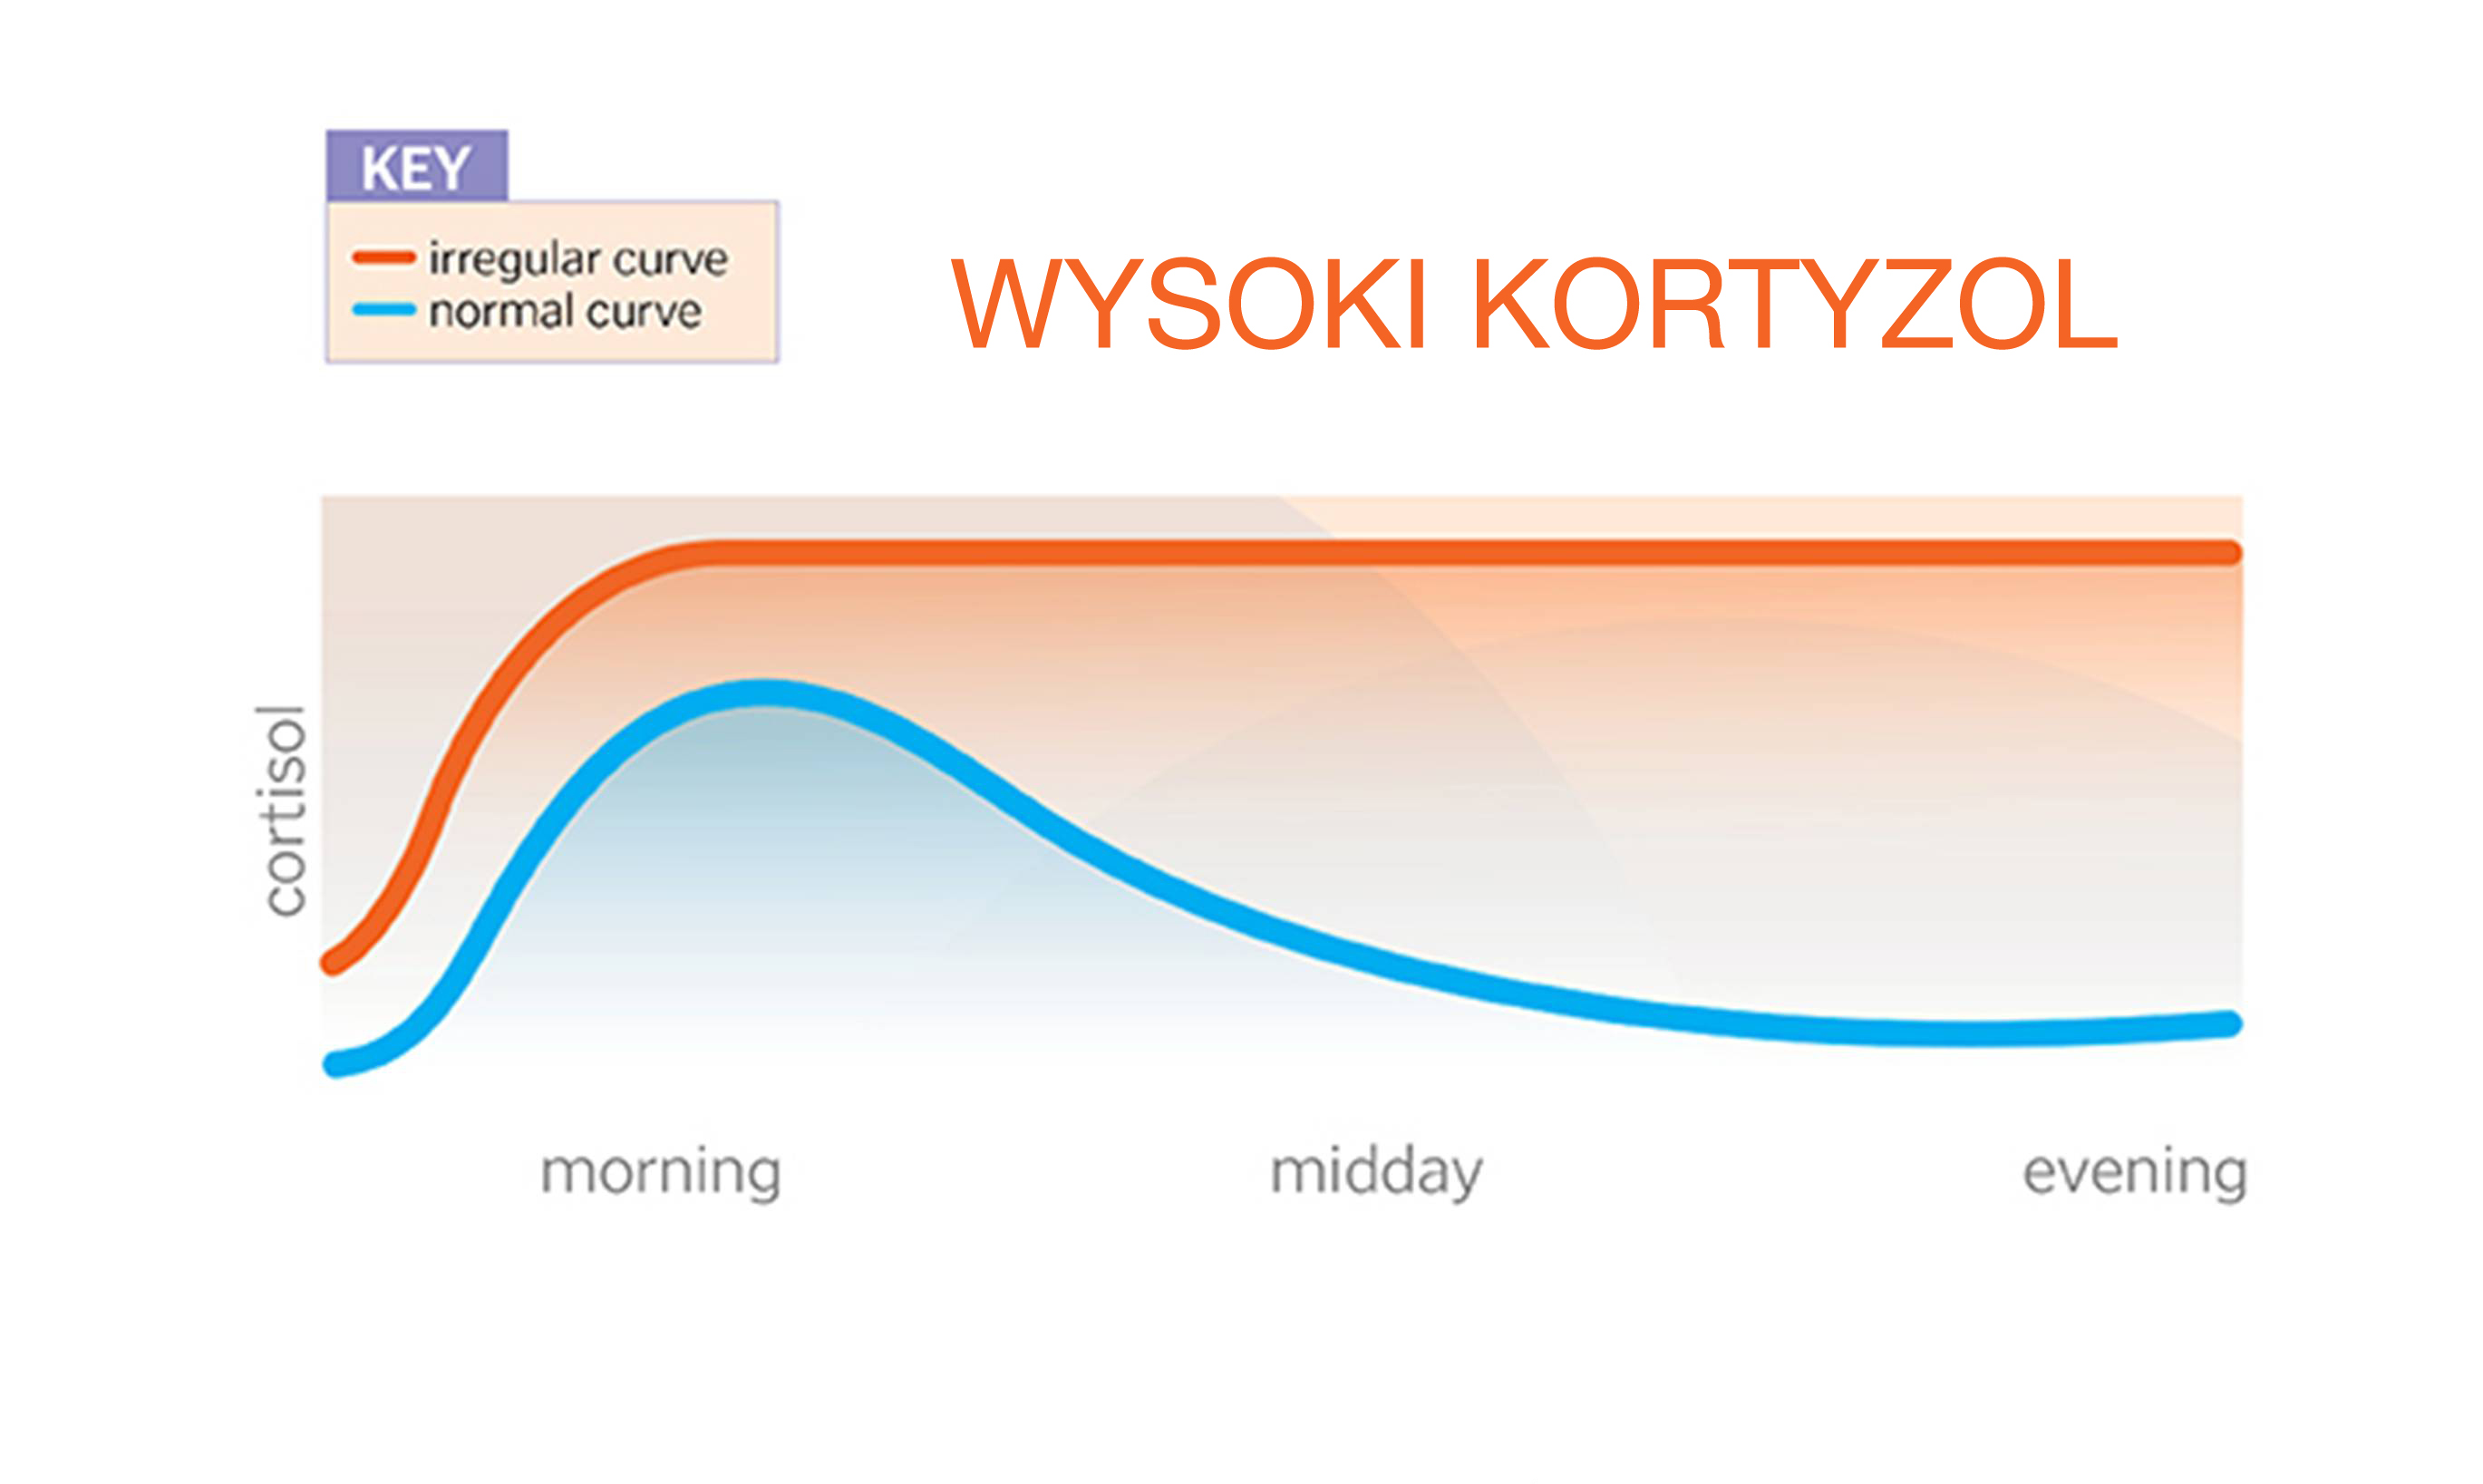 wysoki kortyzol